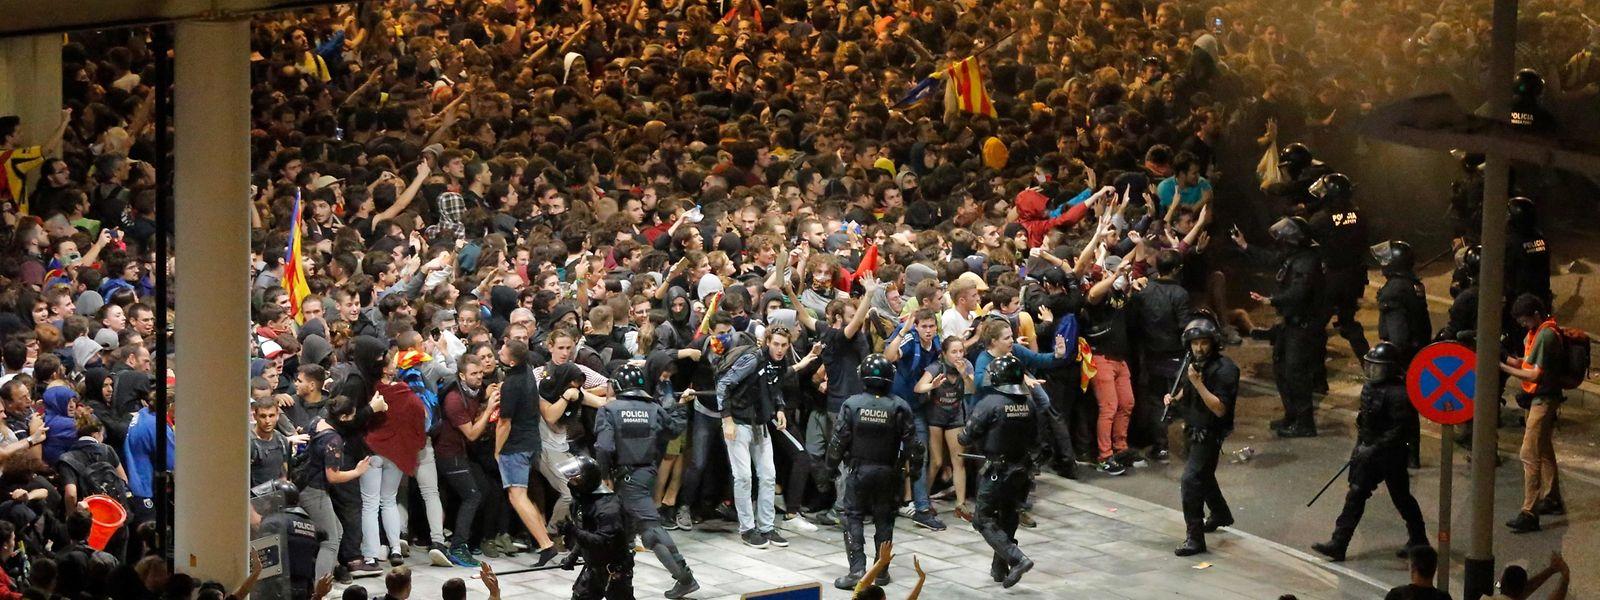 Demonstranten im Infight mit der Polizei außerhalb des Flughafens El Prat in Barcelona.